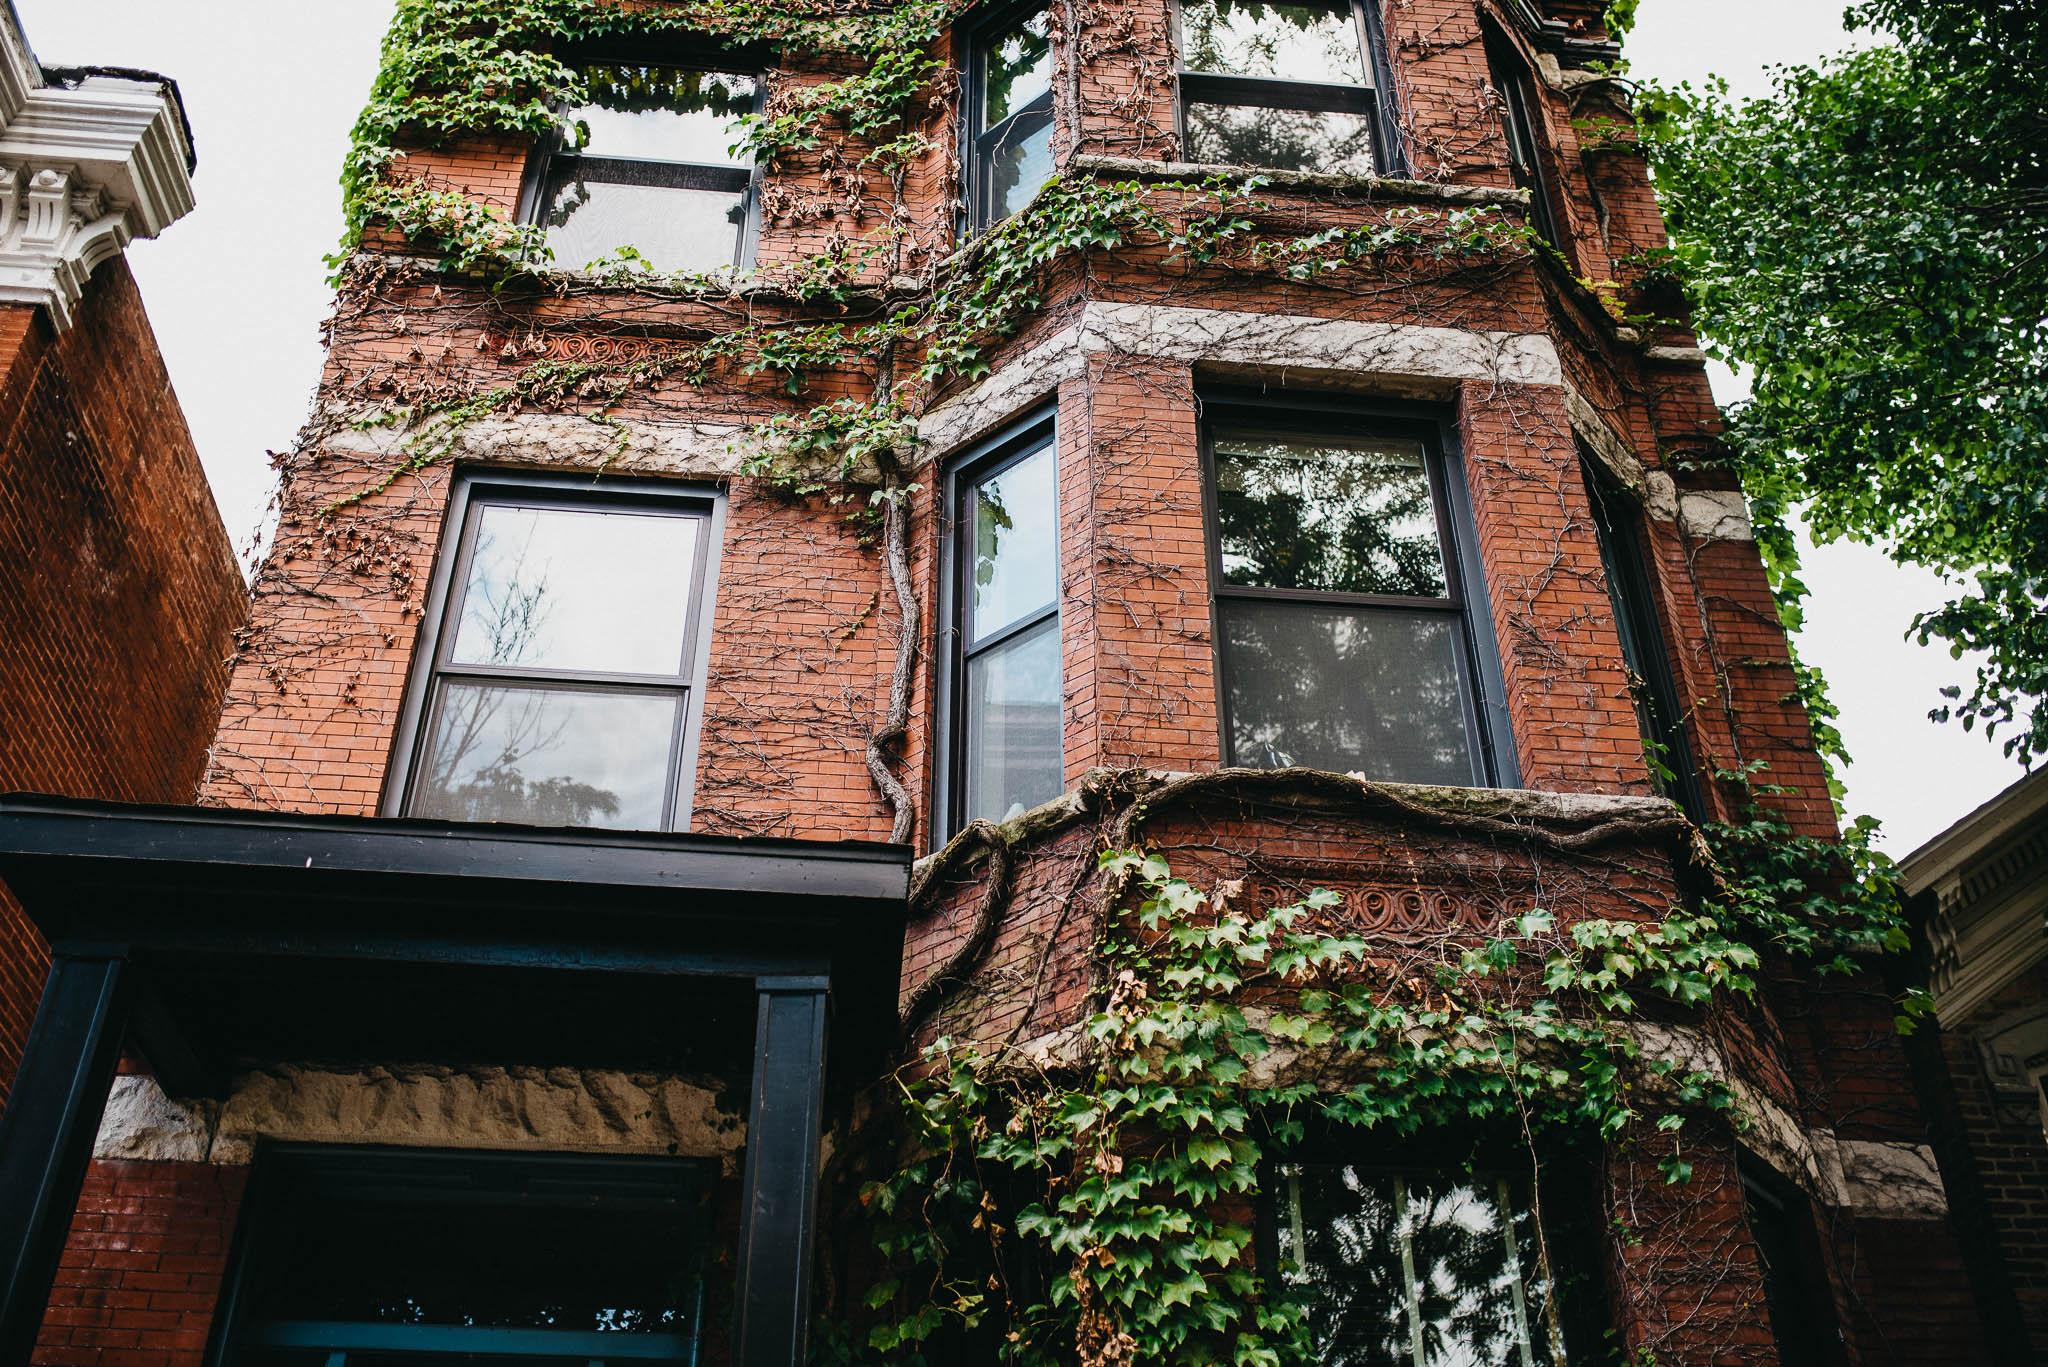 Three story brick condo in North Chicago